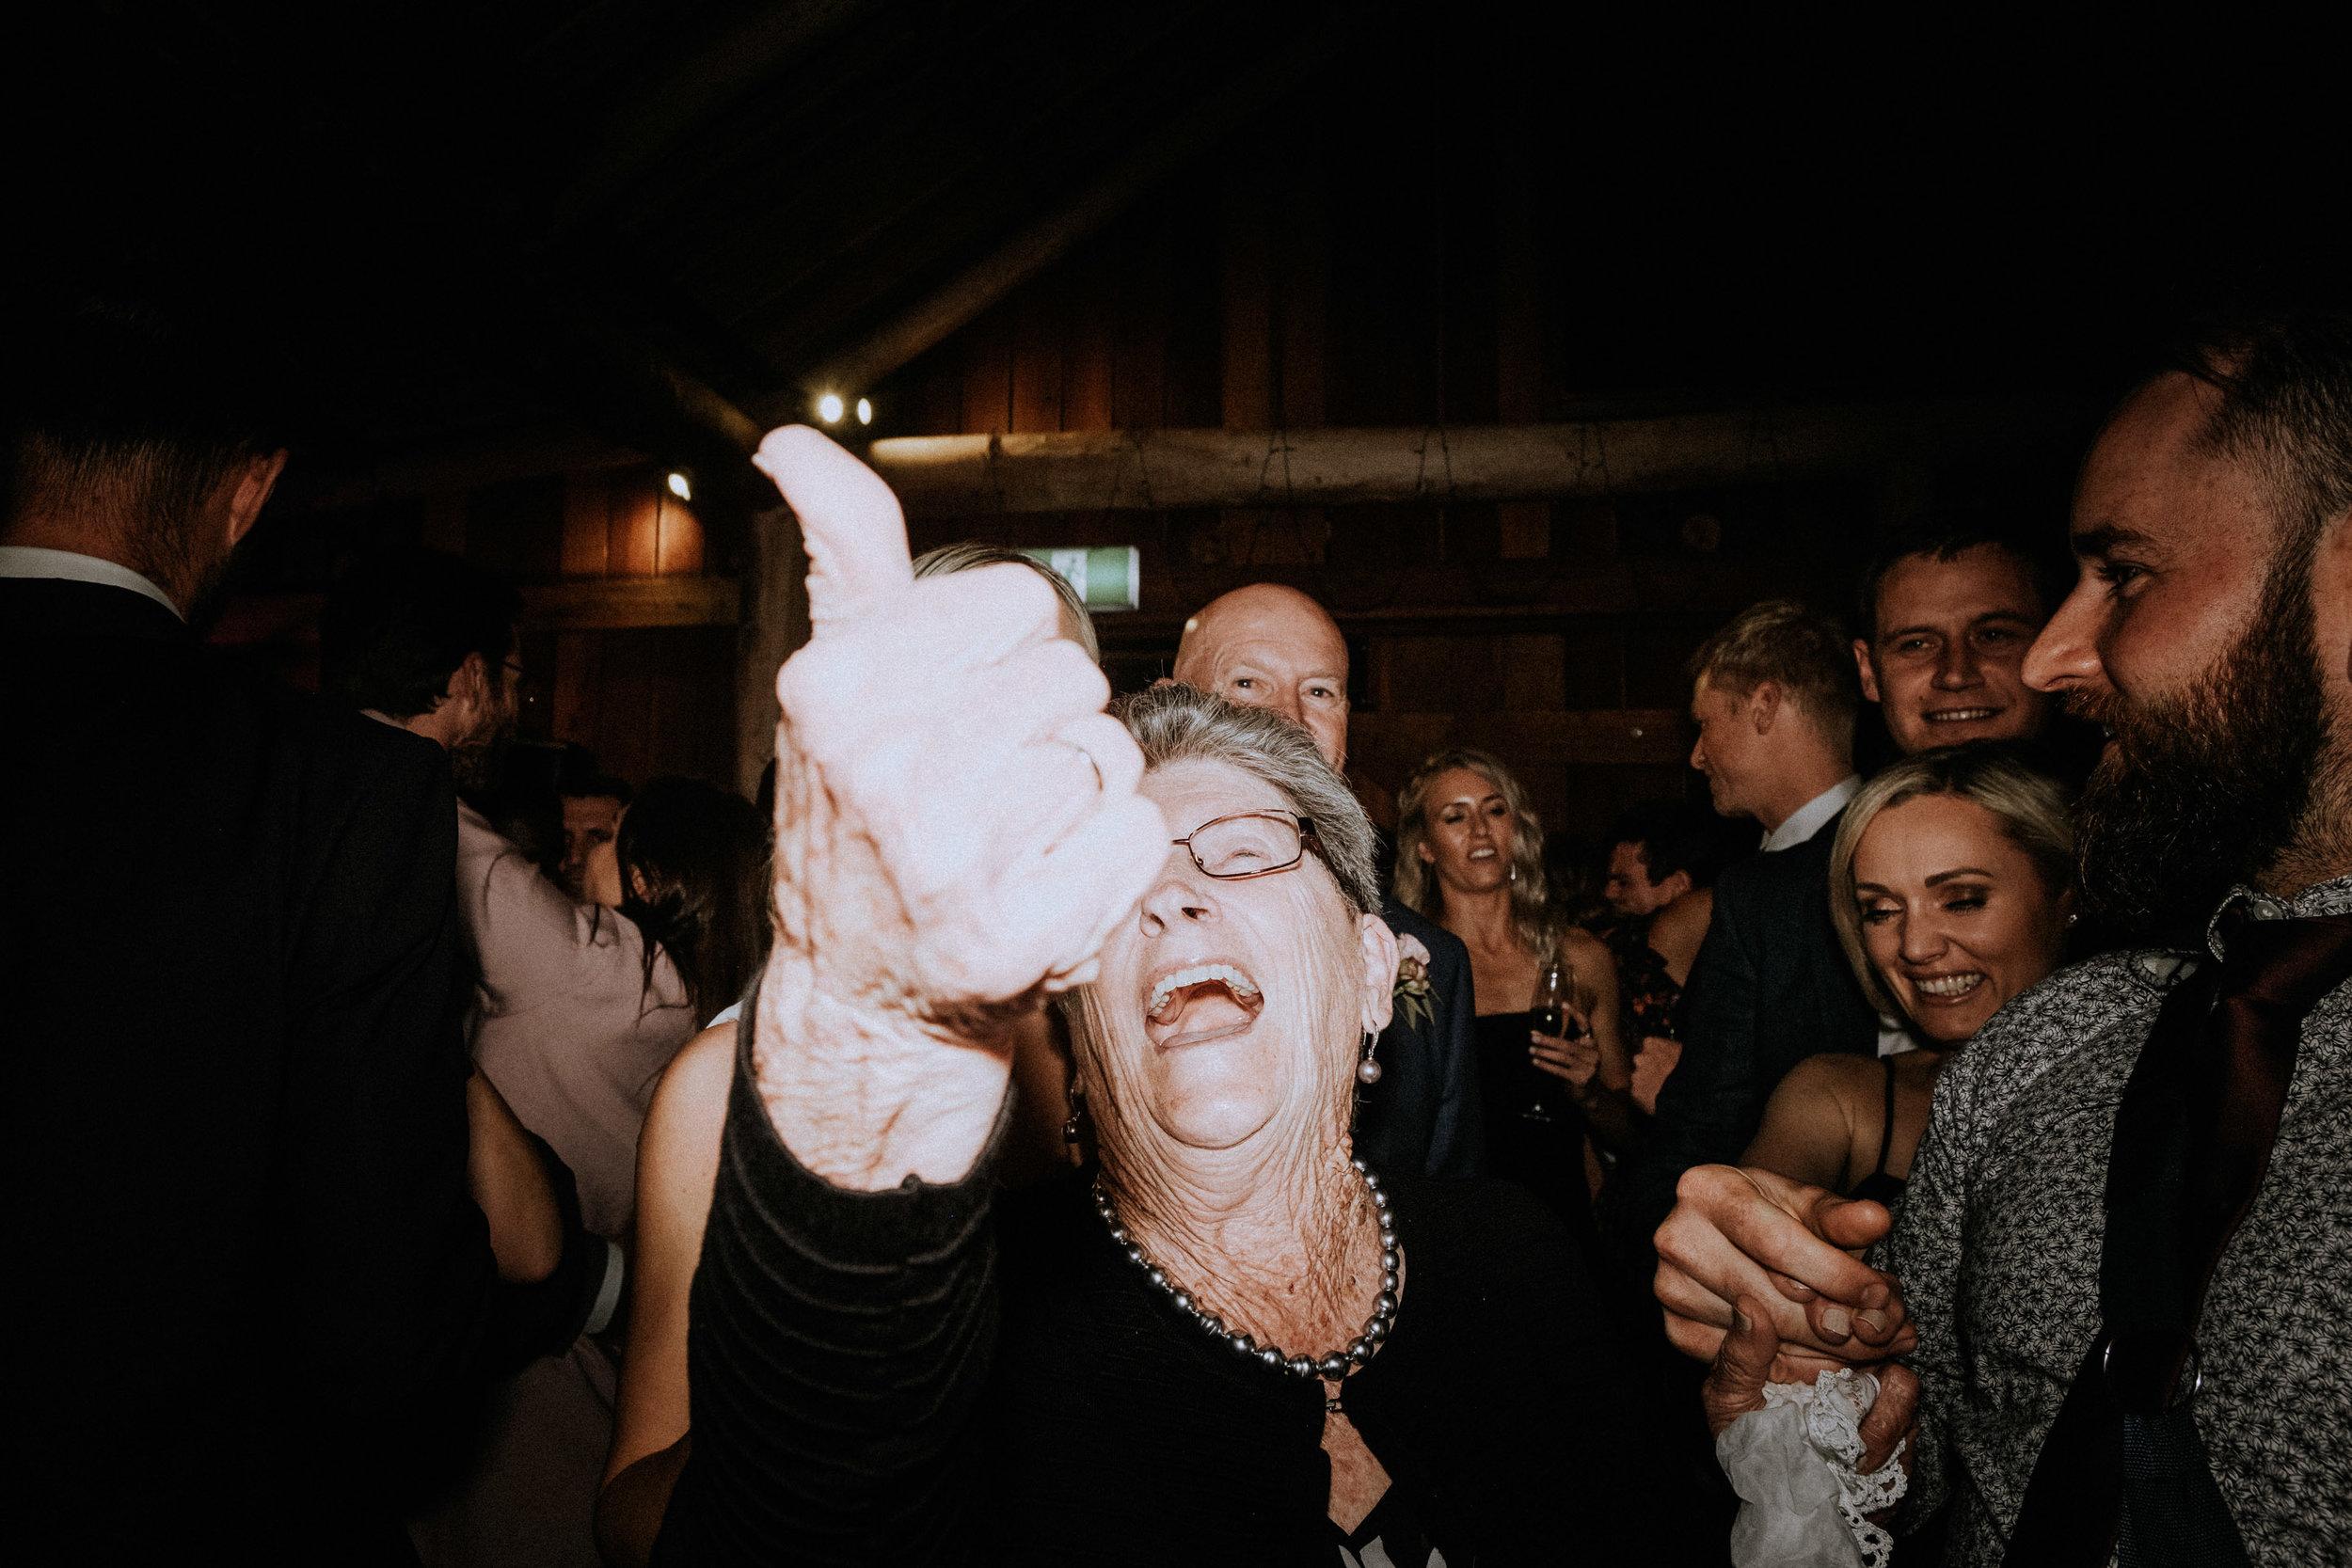 b&d_5s_waldara wedding_kings & thieves_insta - 524.jpg